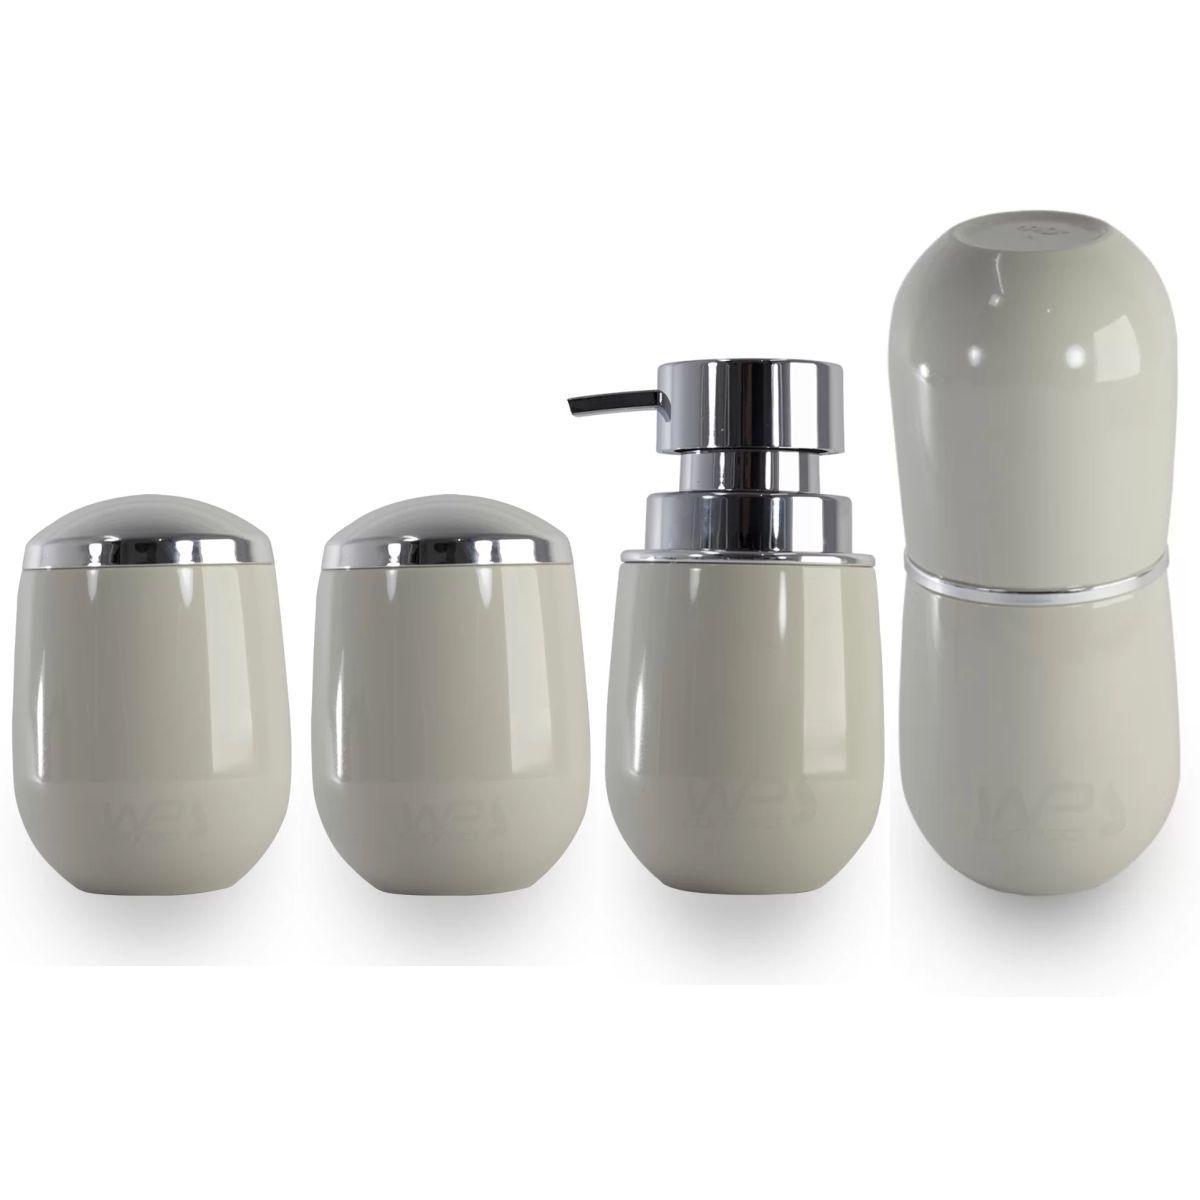 Kit de Bancada Banheiro Porta Escovas Sabonete Algodão